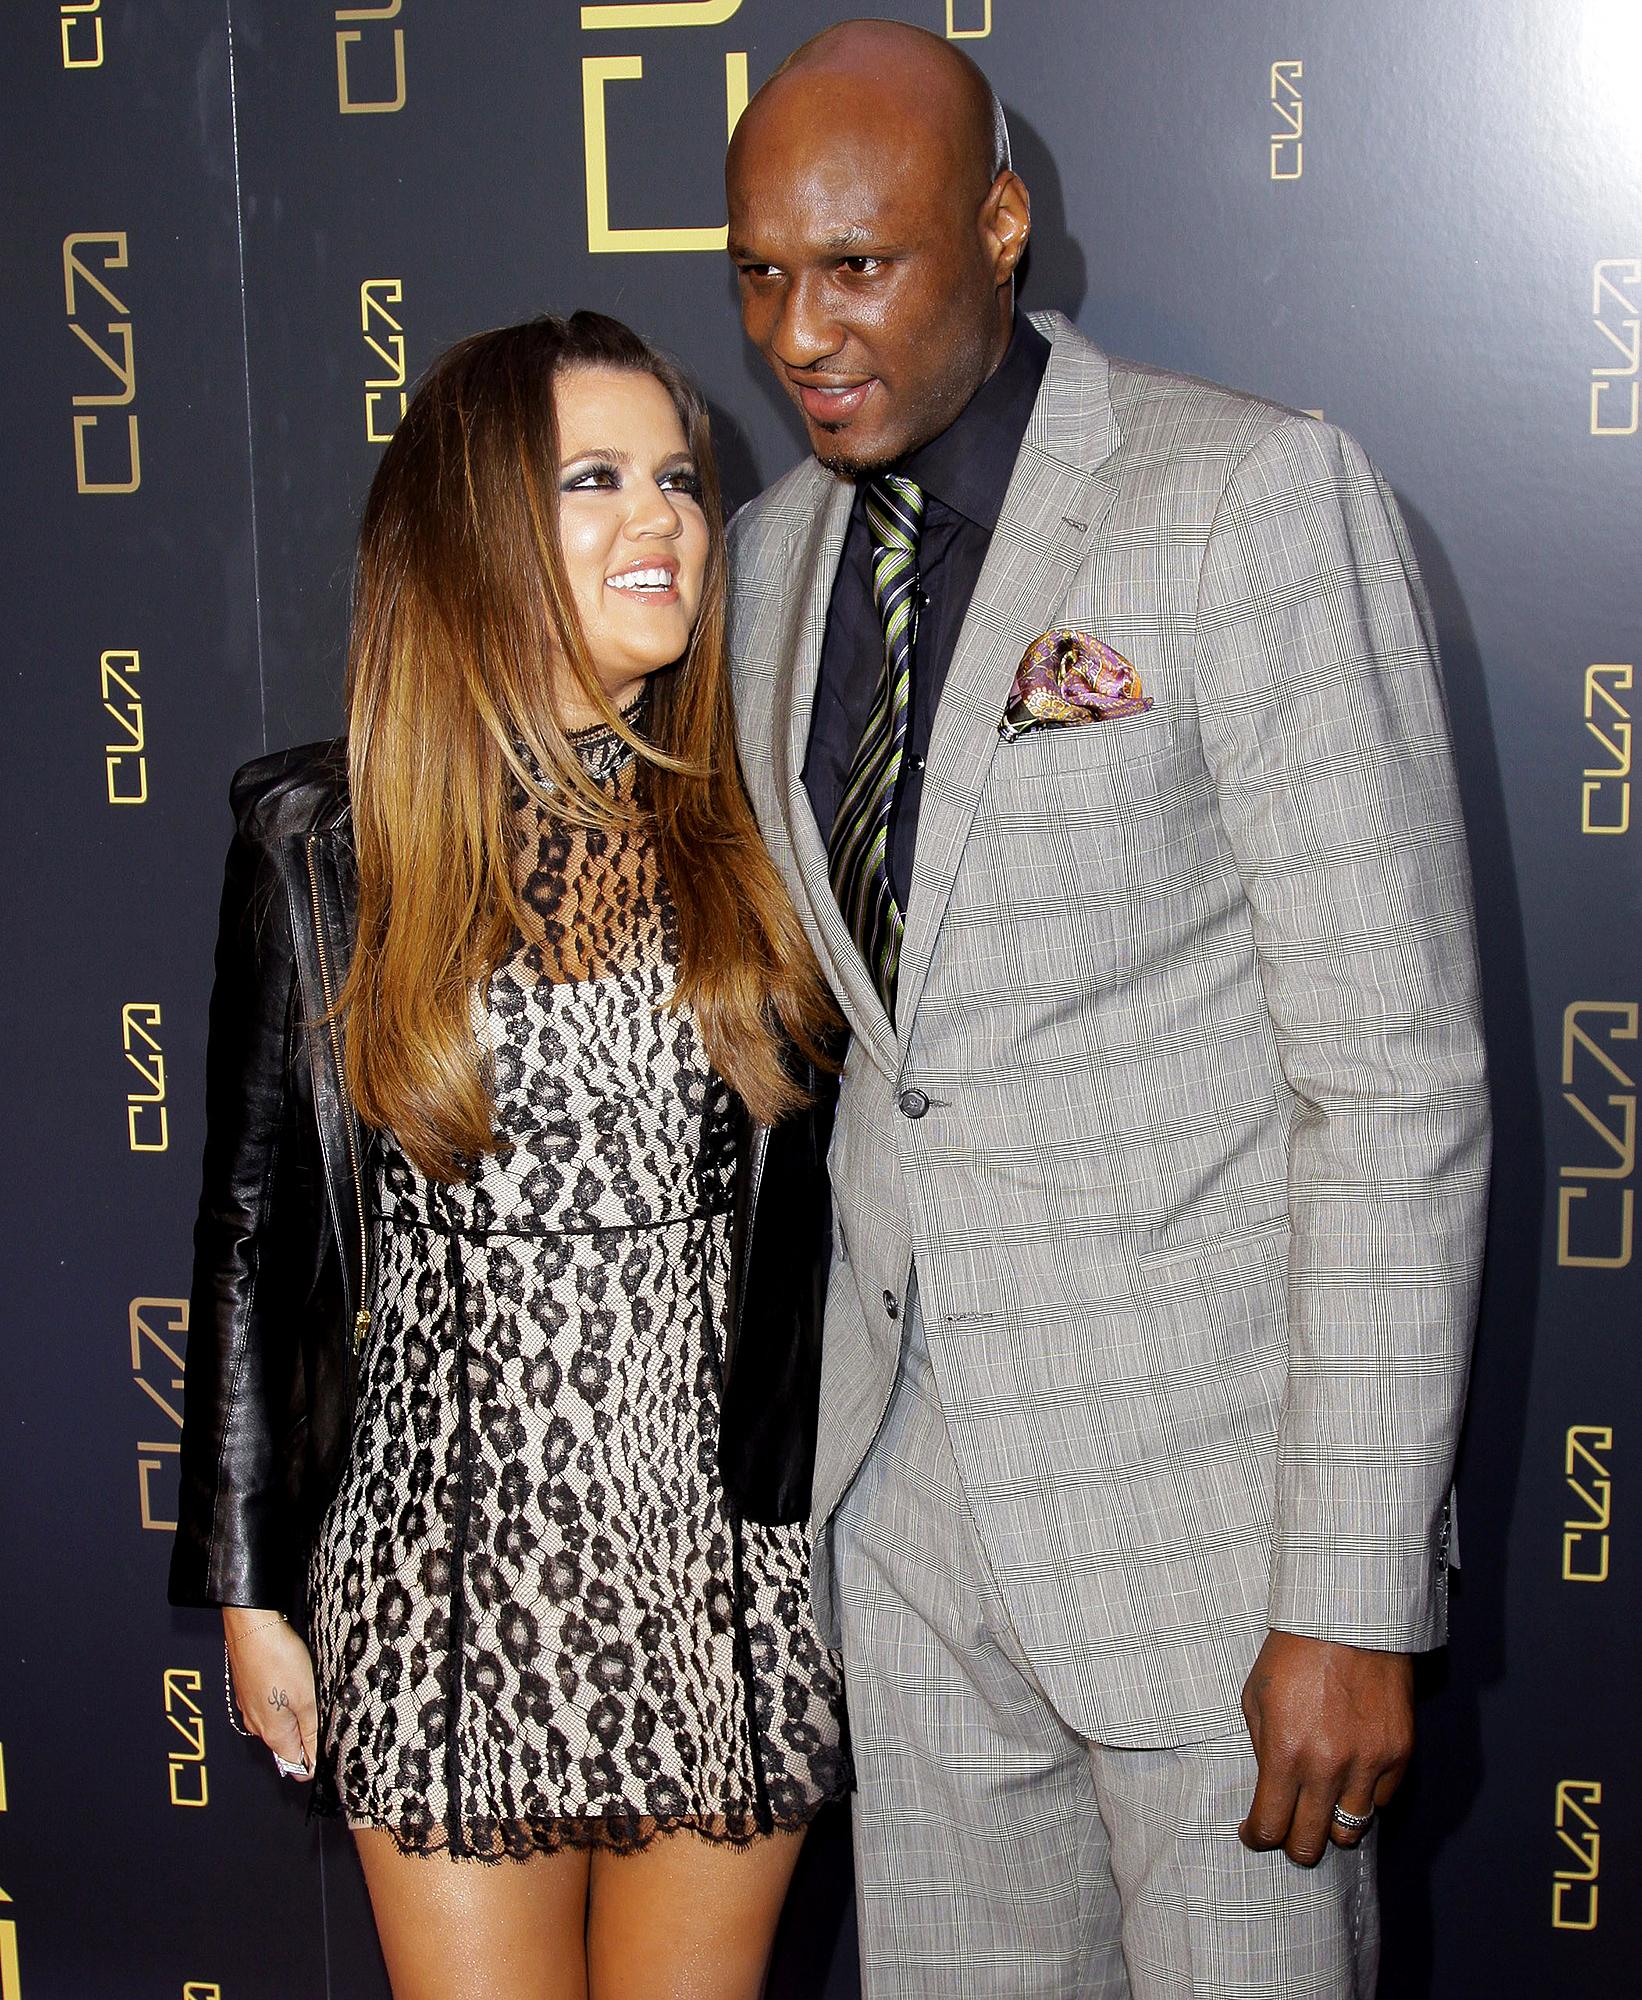 Khloe-Kardashian-misses-Lamar-Odom